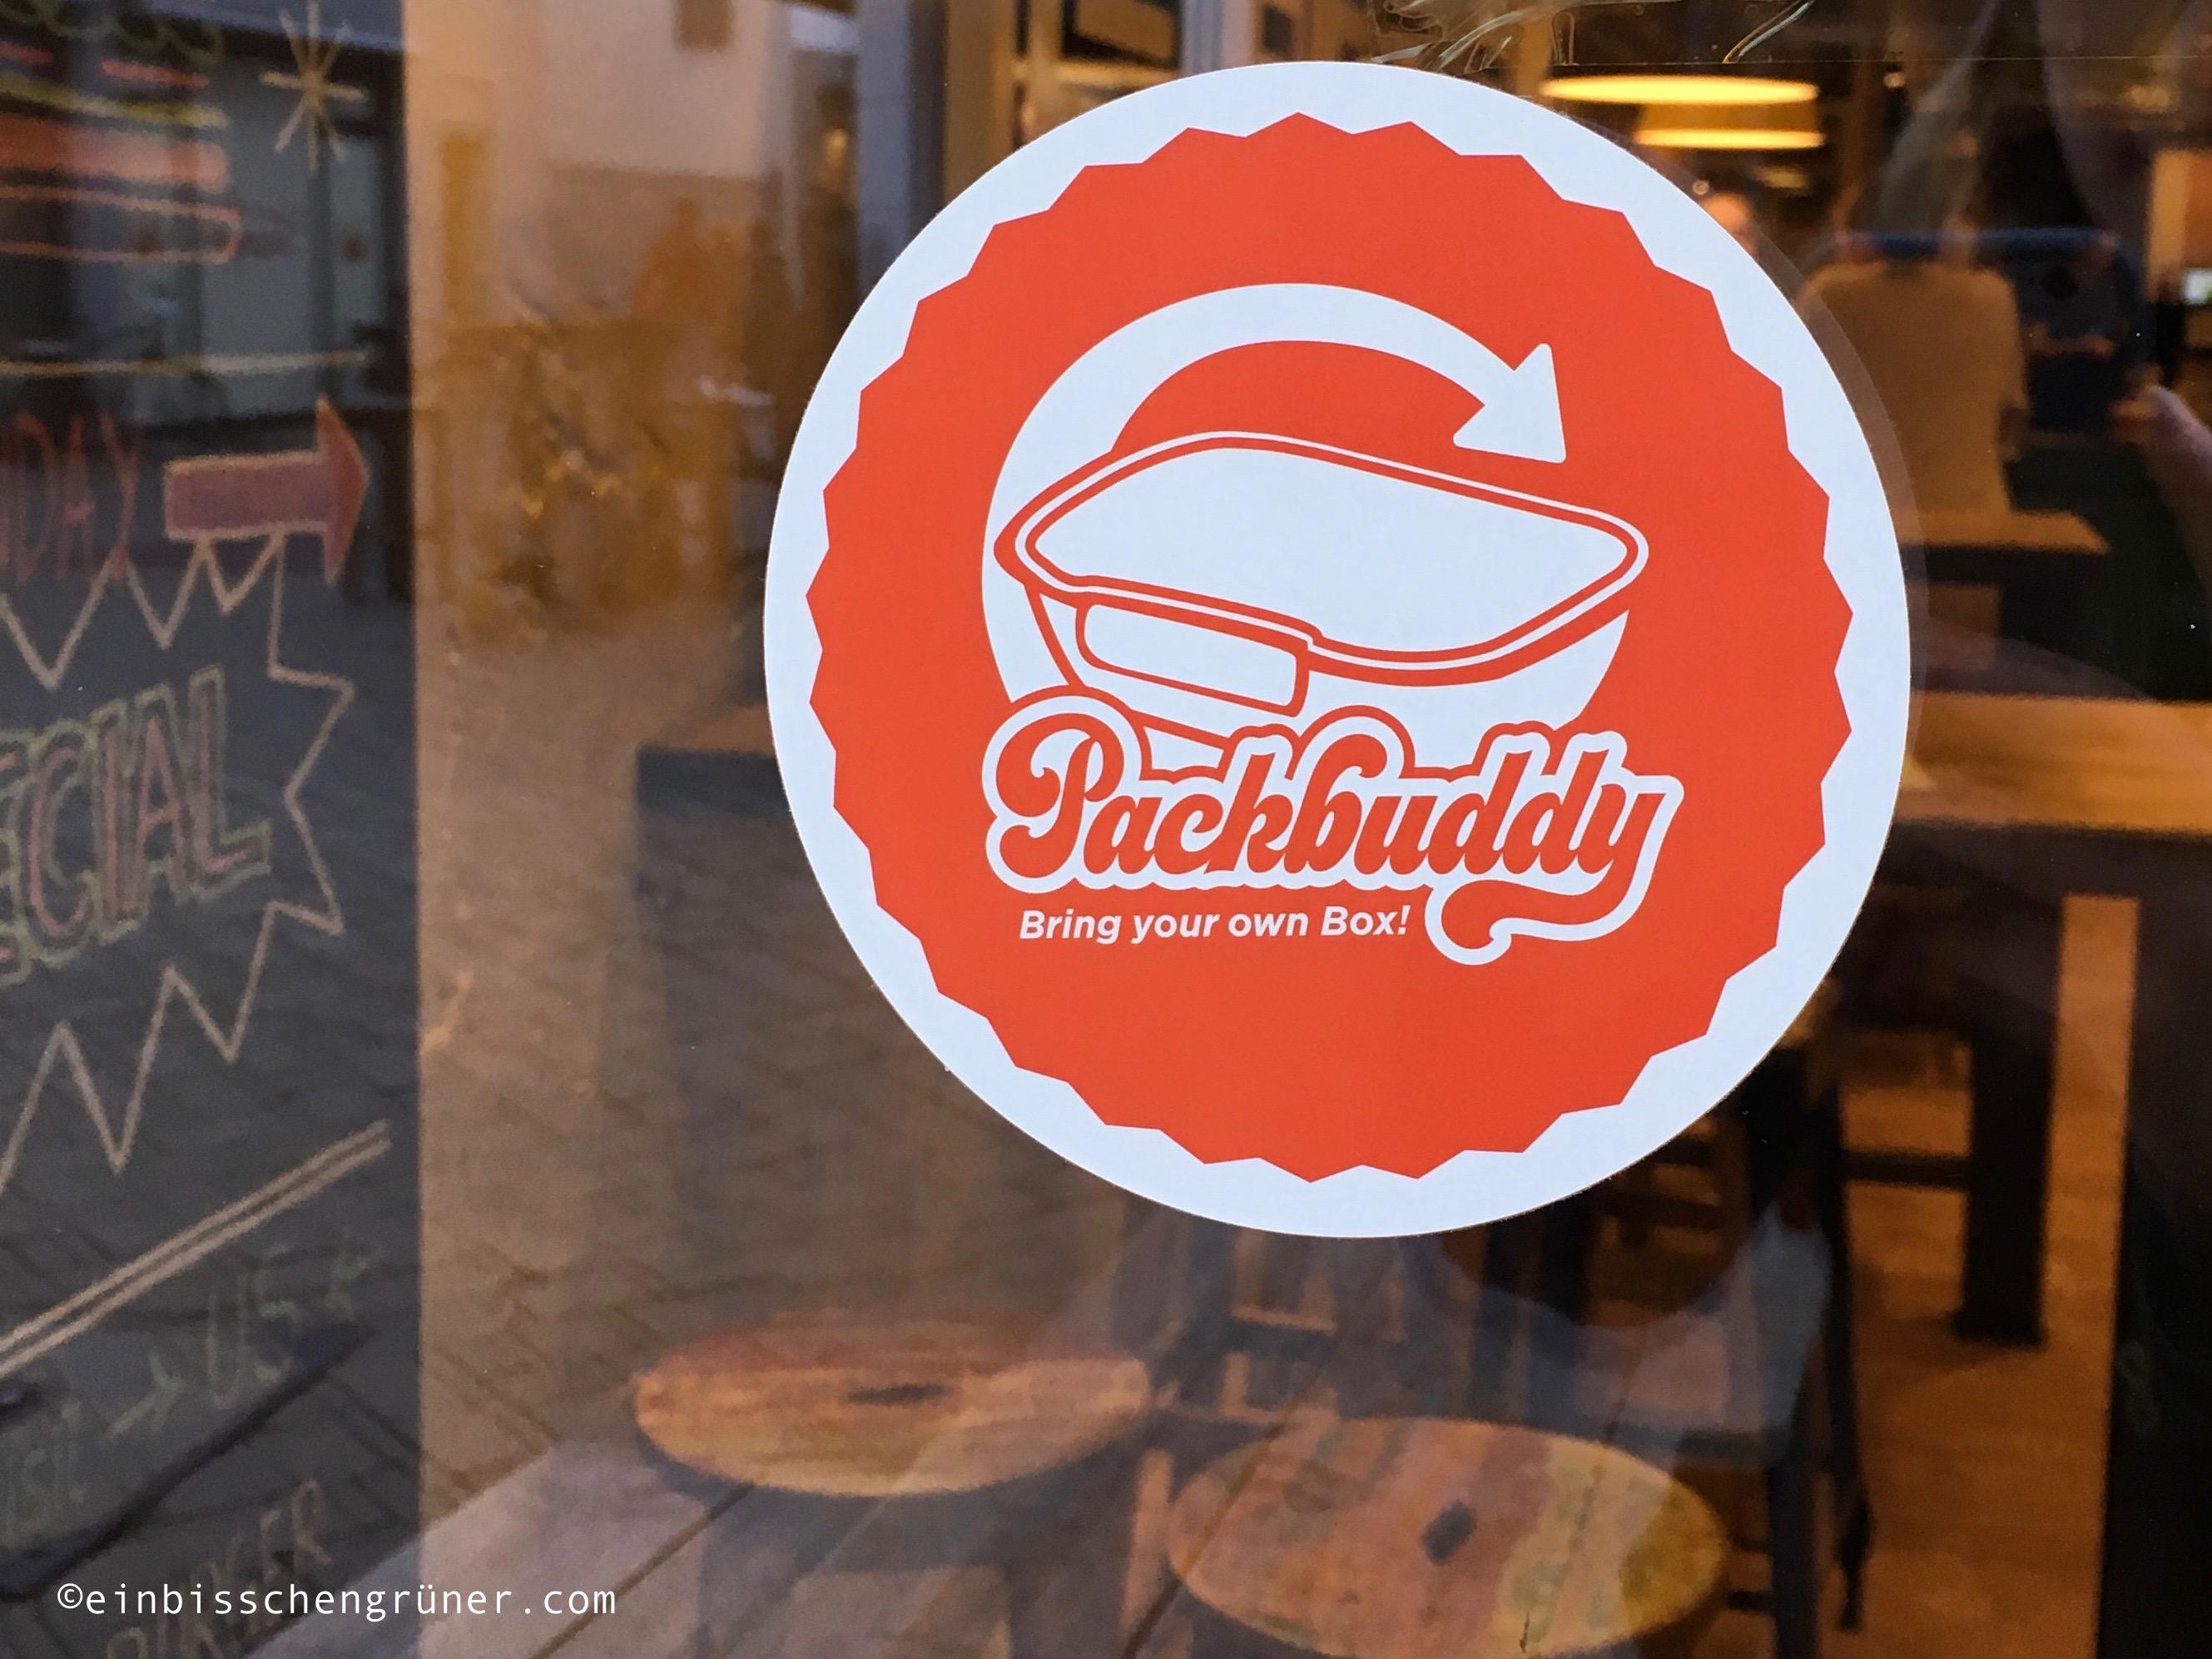 Packbuddy für Oldenburg